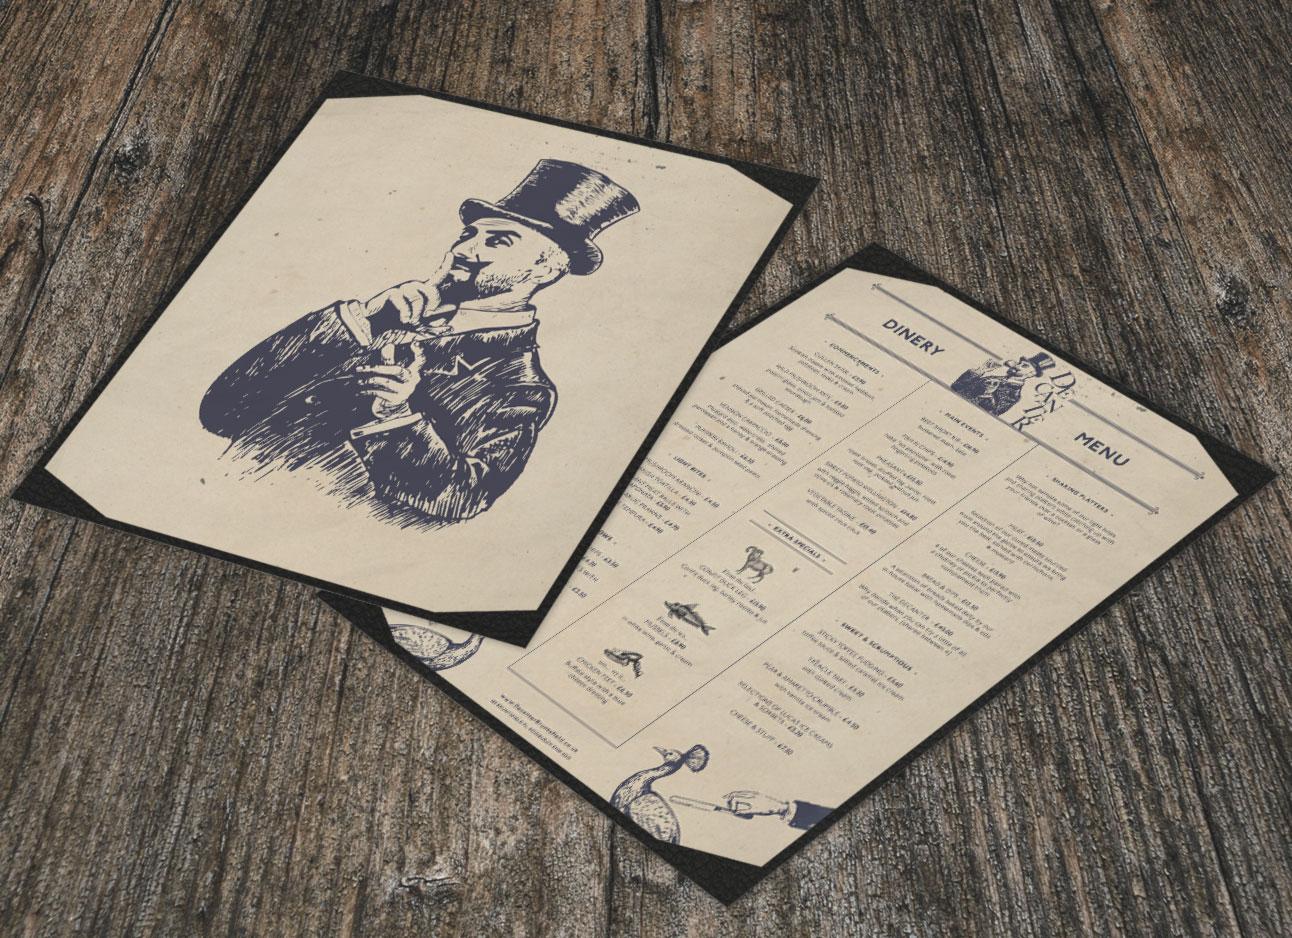 Decanter Bruntsfield menu